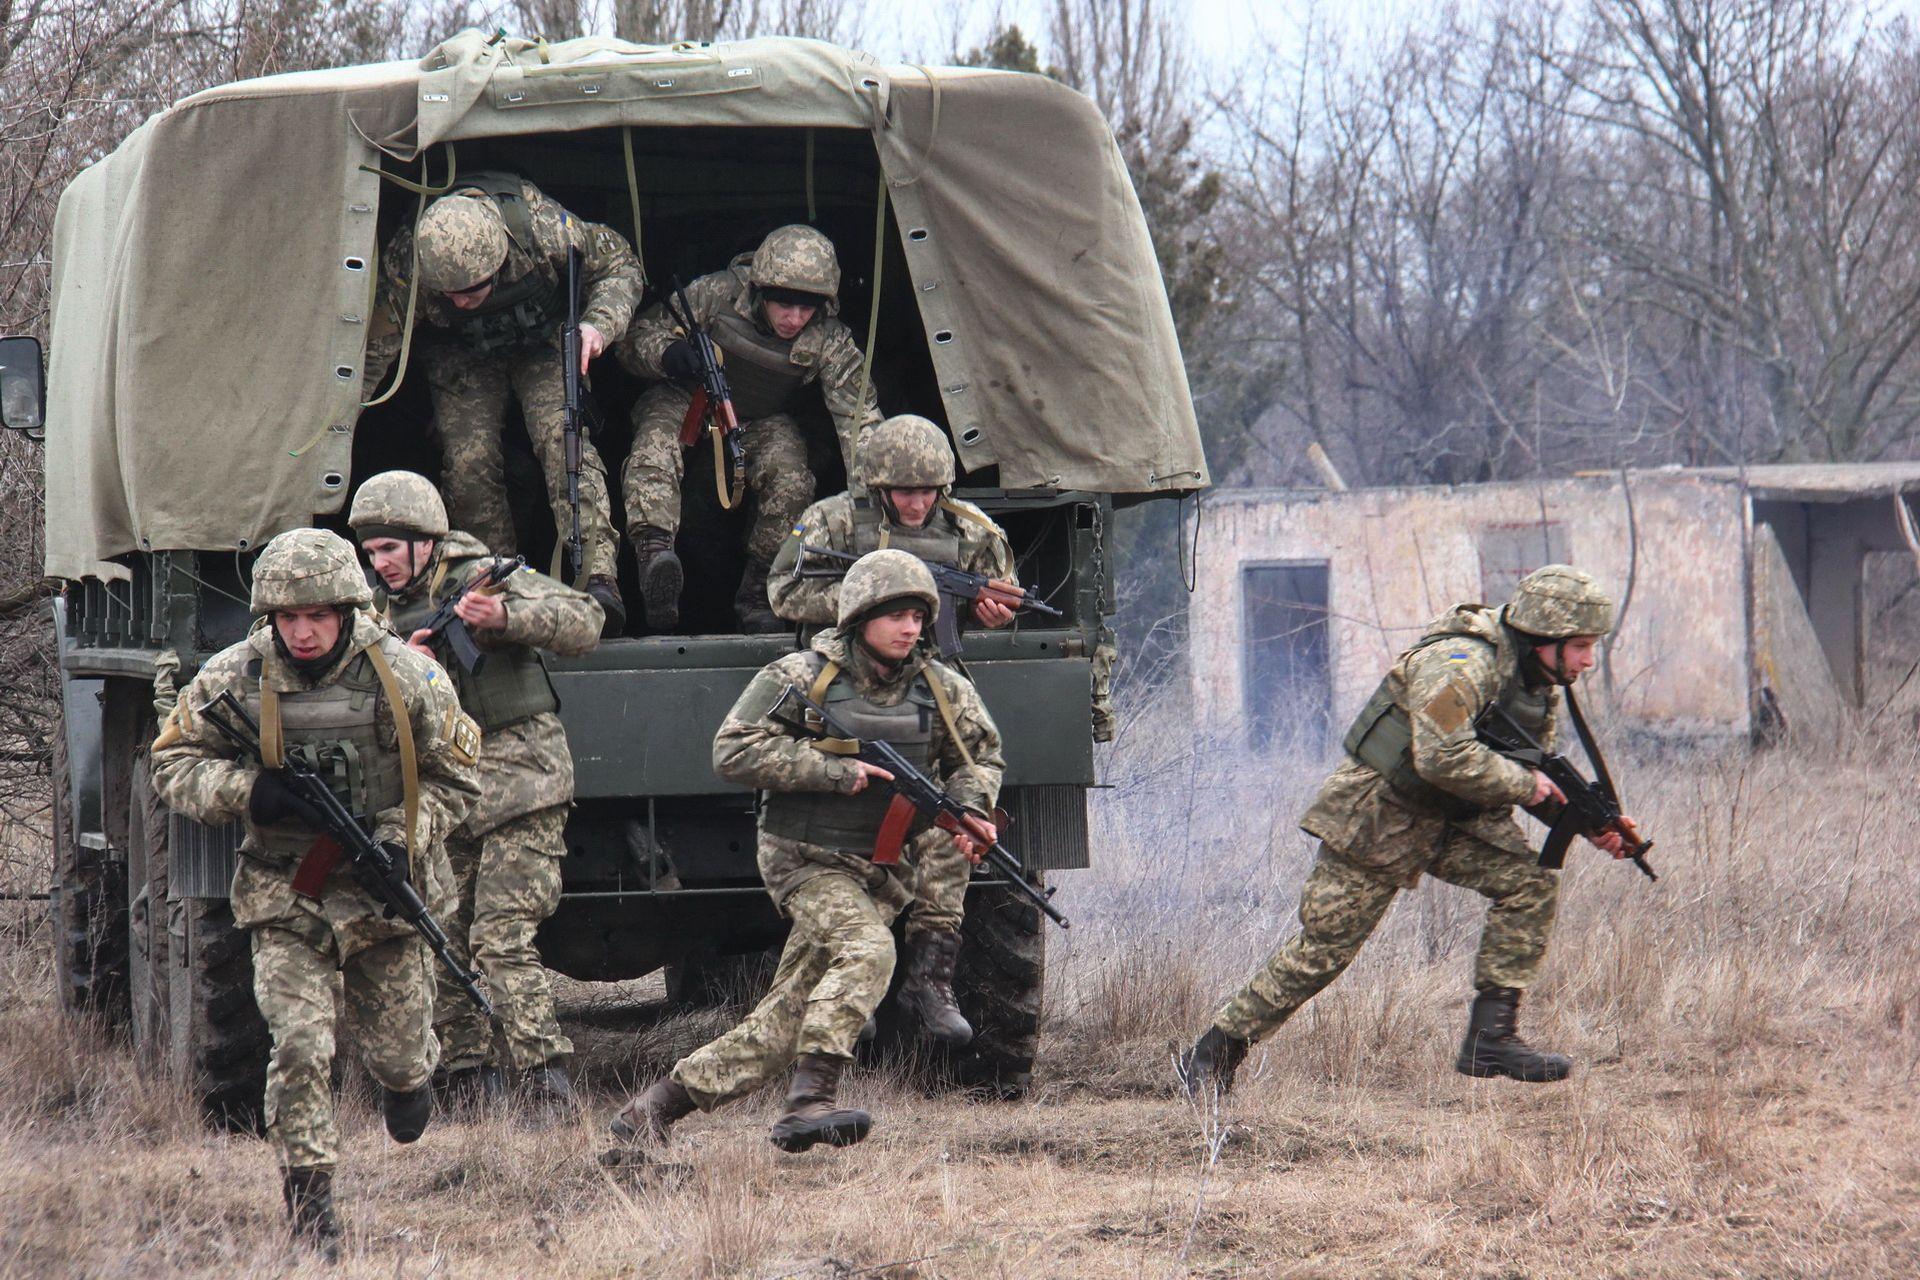 Армія за 7 днів: протиснайперські комплекси та співпраця з Кувейтом